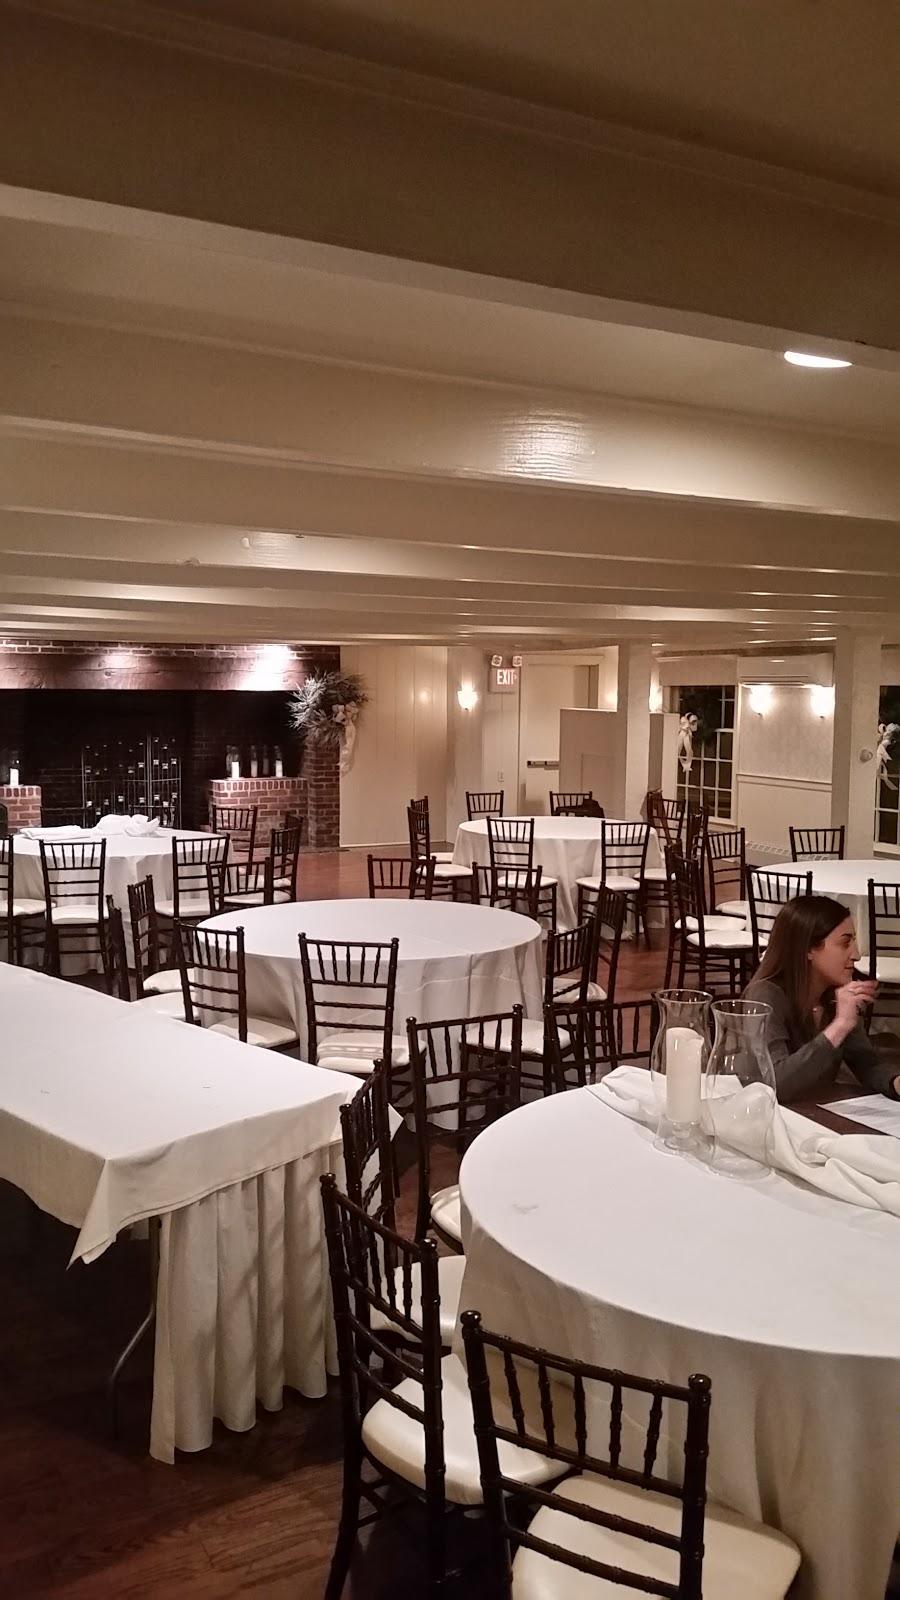 The Smithville Inn - restaurant  | Photo 5 of 10 | Address: 1 N New York Rd, Absecon, NJ 08205, USA | Phone: (609) 652-7777